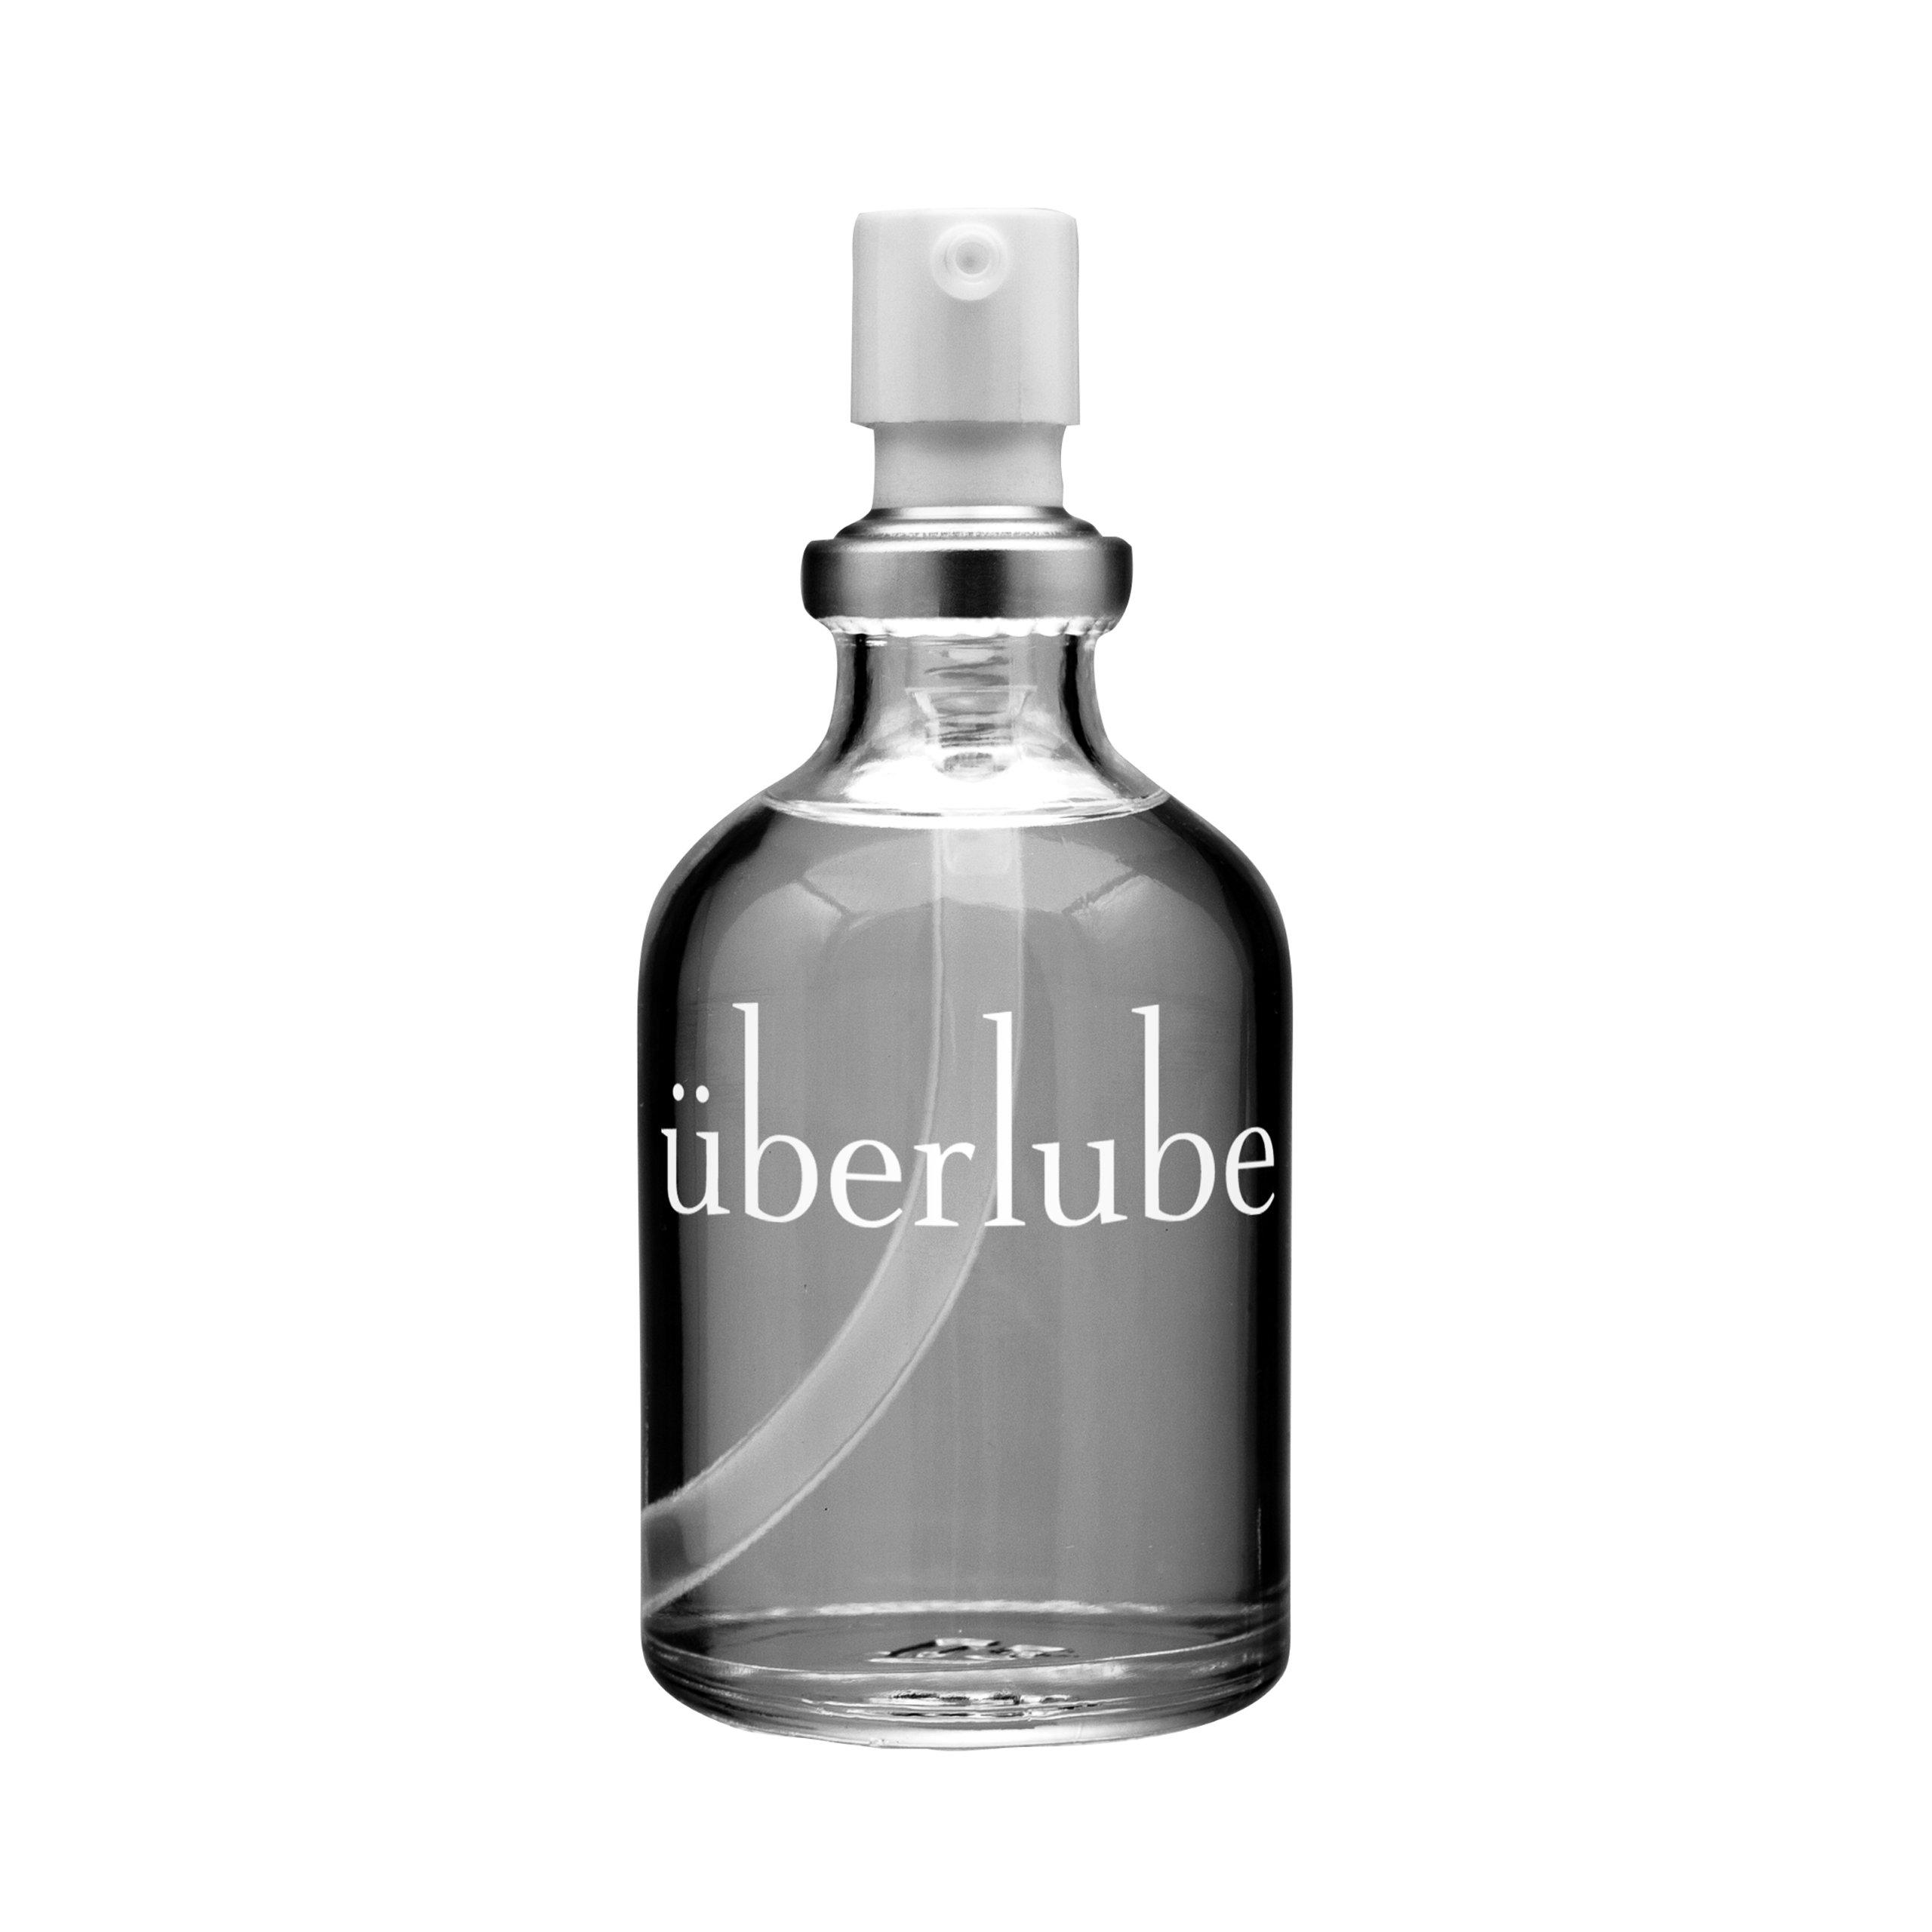 Uberlube Luxury Lubricant 50ml by Uberlube